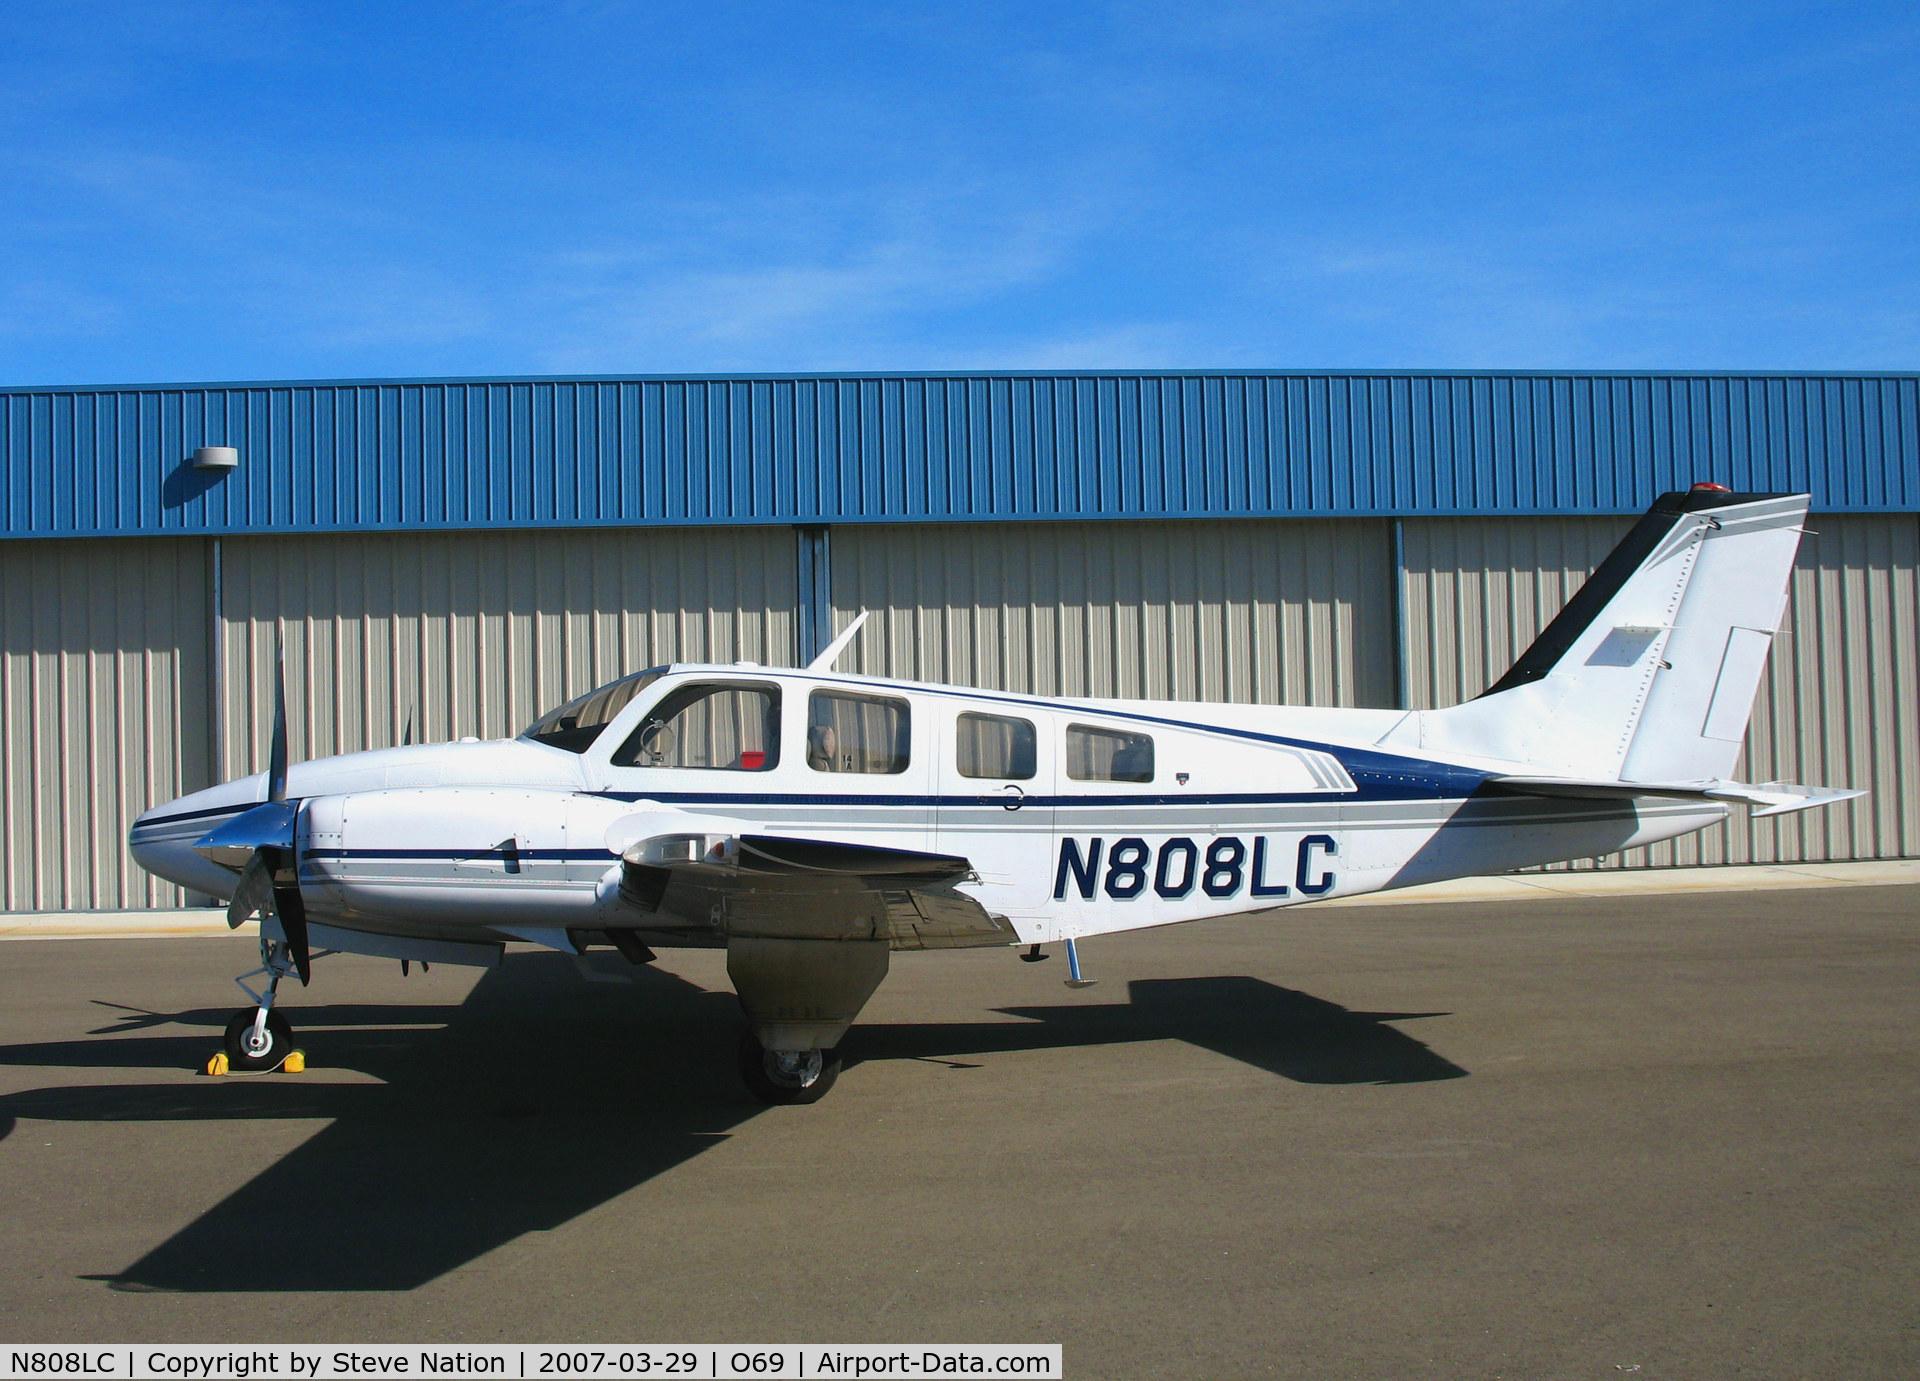 N808LC, 1980 Beech 58P Baron C/N TJ-319, 1980 Beech 58P @ Petaluma, CA